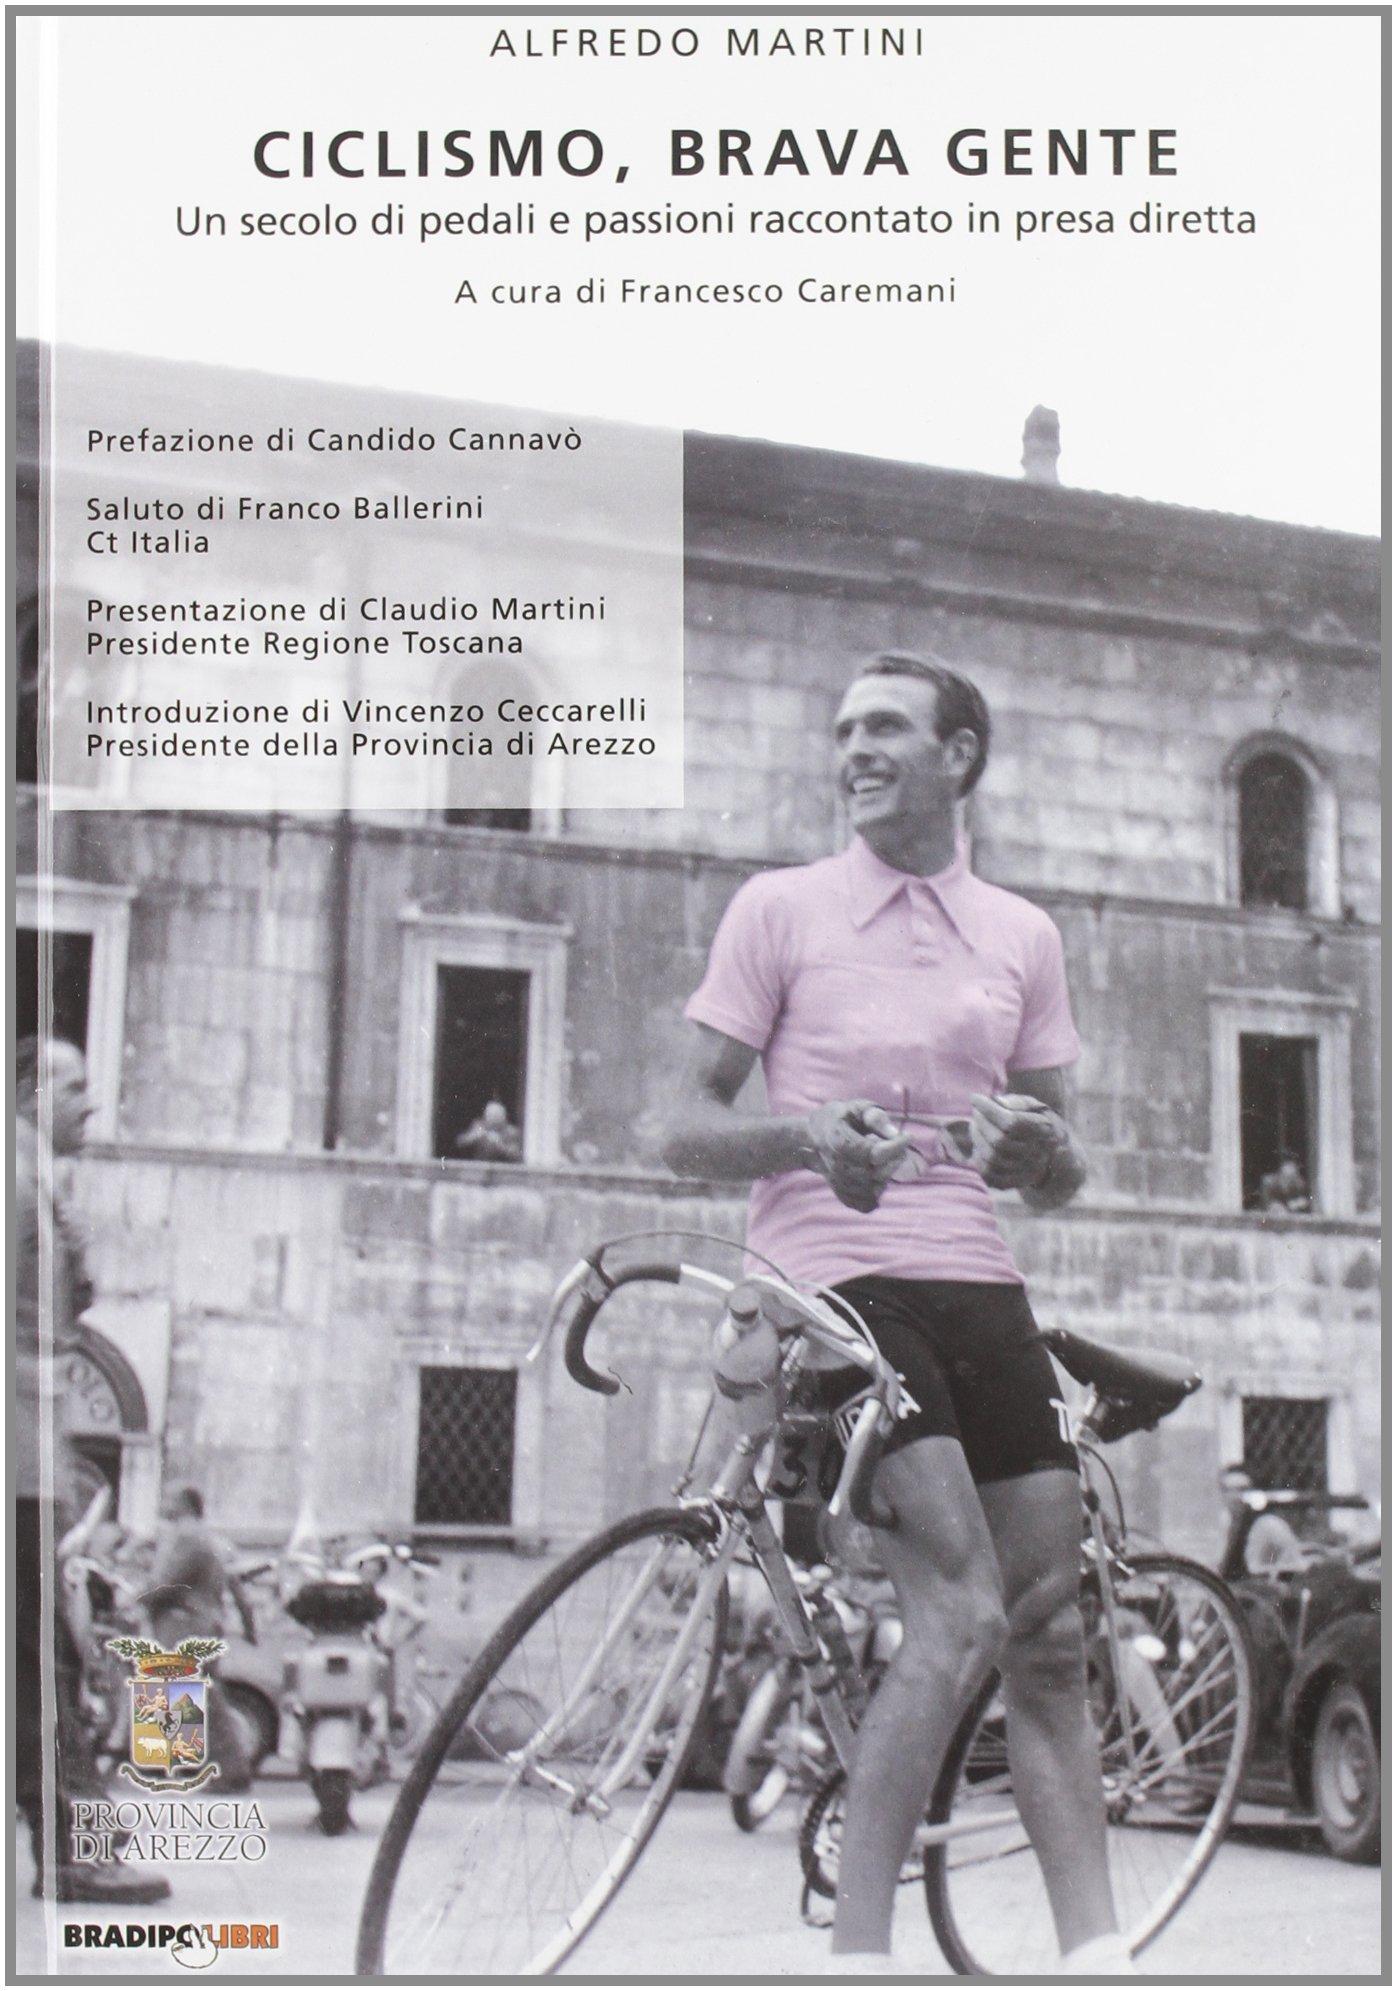 Ciclismo, brava gente... Un secolo di pedali e passioni raccontate ...